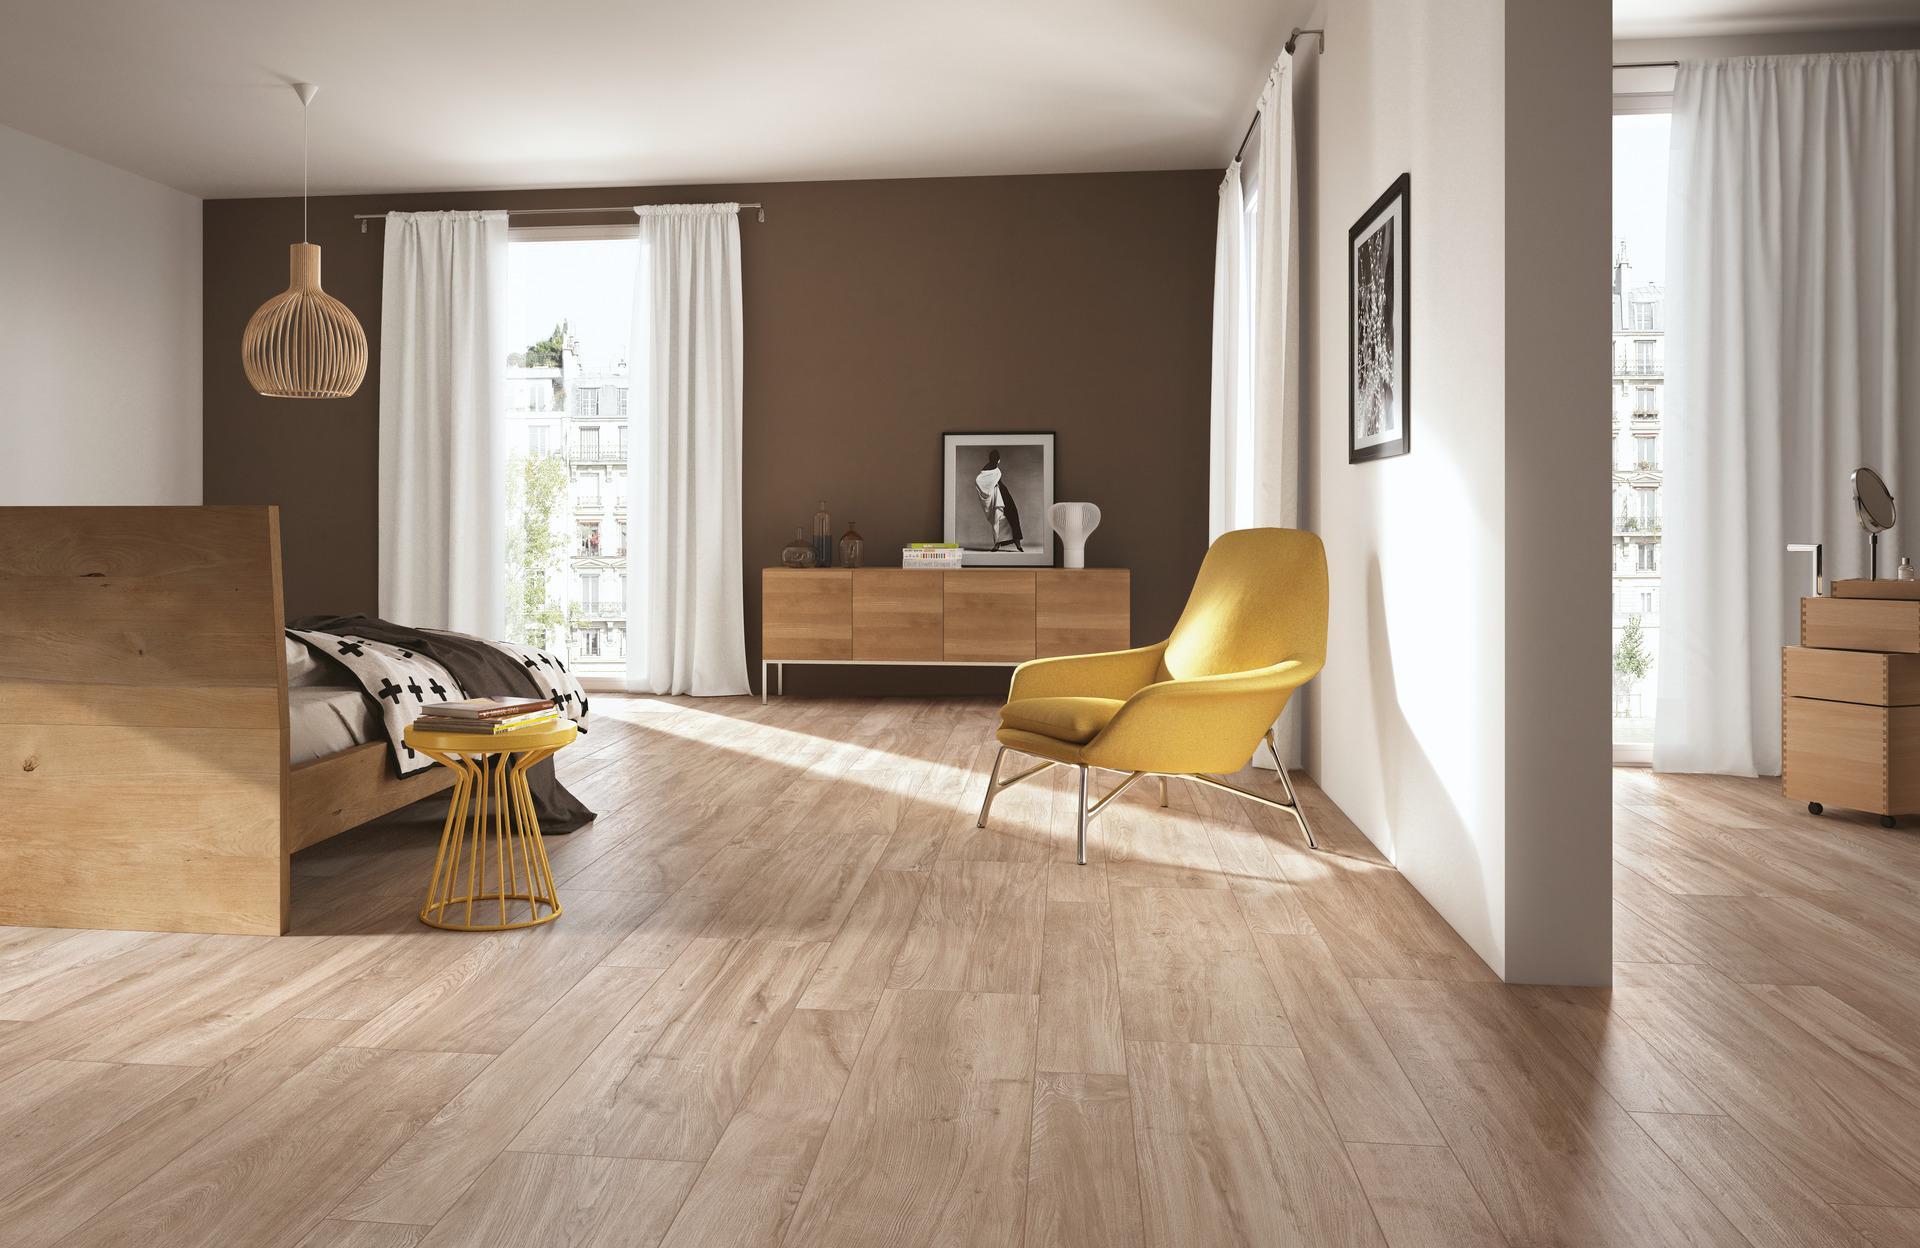 Piastrelle Effetto Legno Tortora : Collezione woodliving: rivestimenti in gres effetto legno ragno